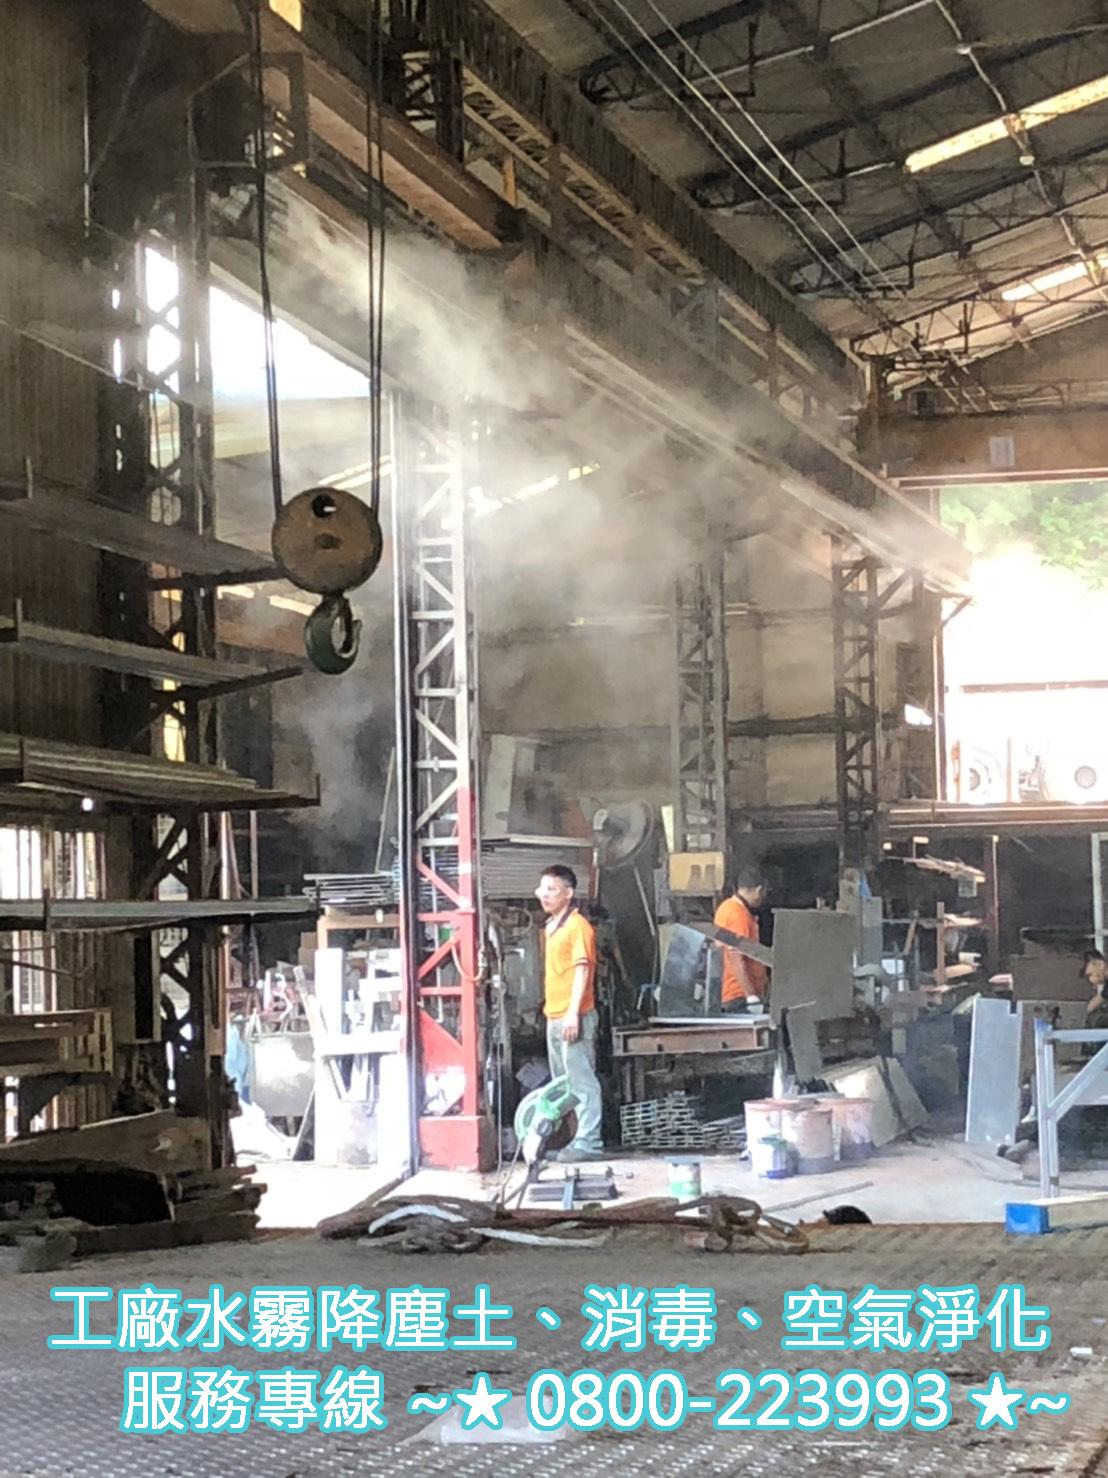 工廠噴霧降溫,自動加濕系統防靜電